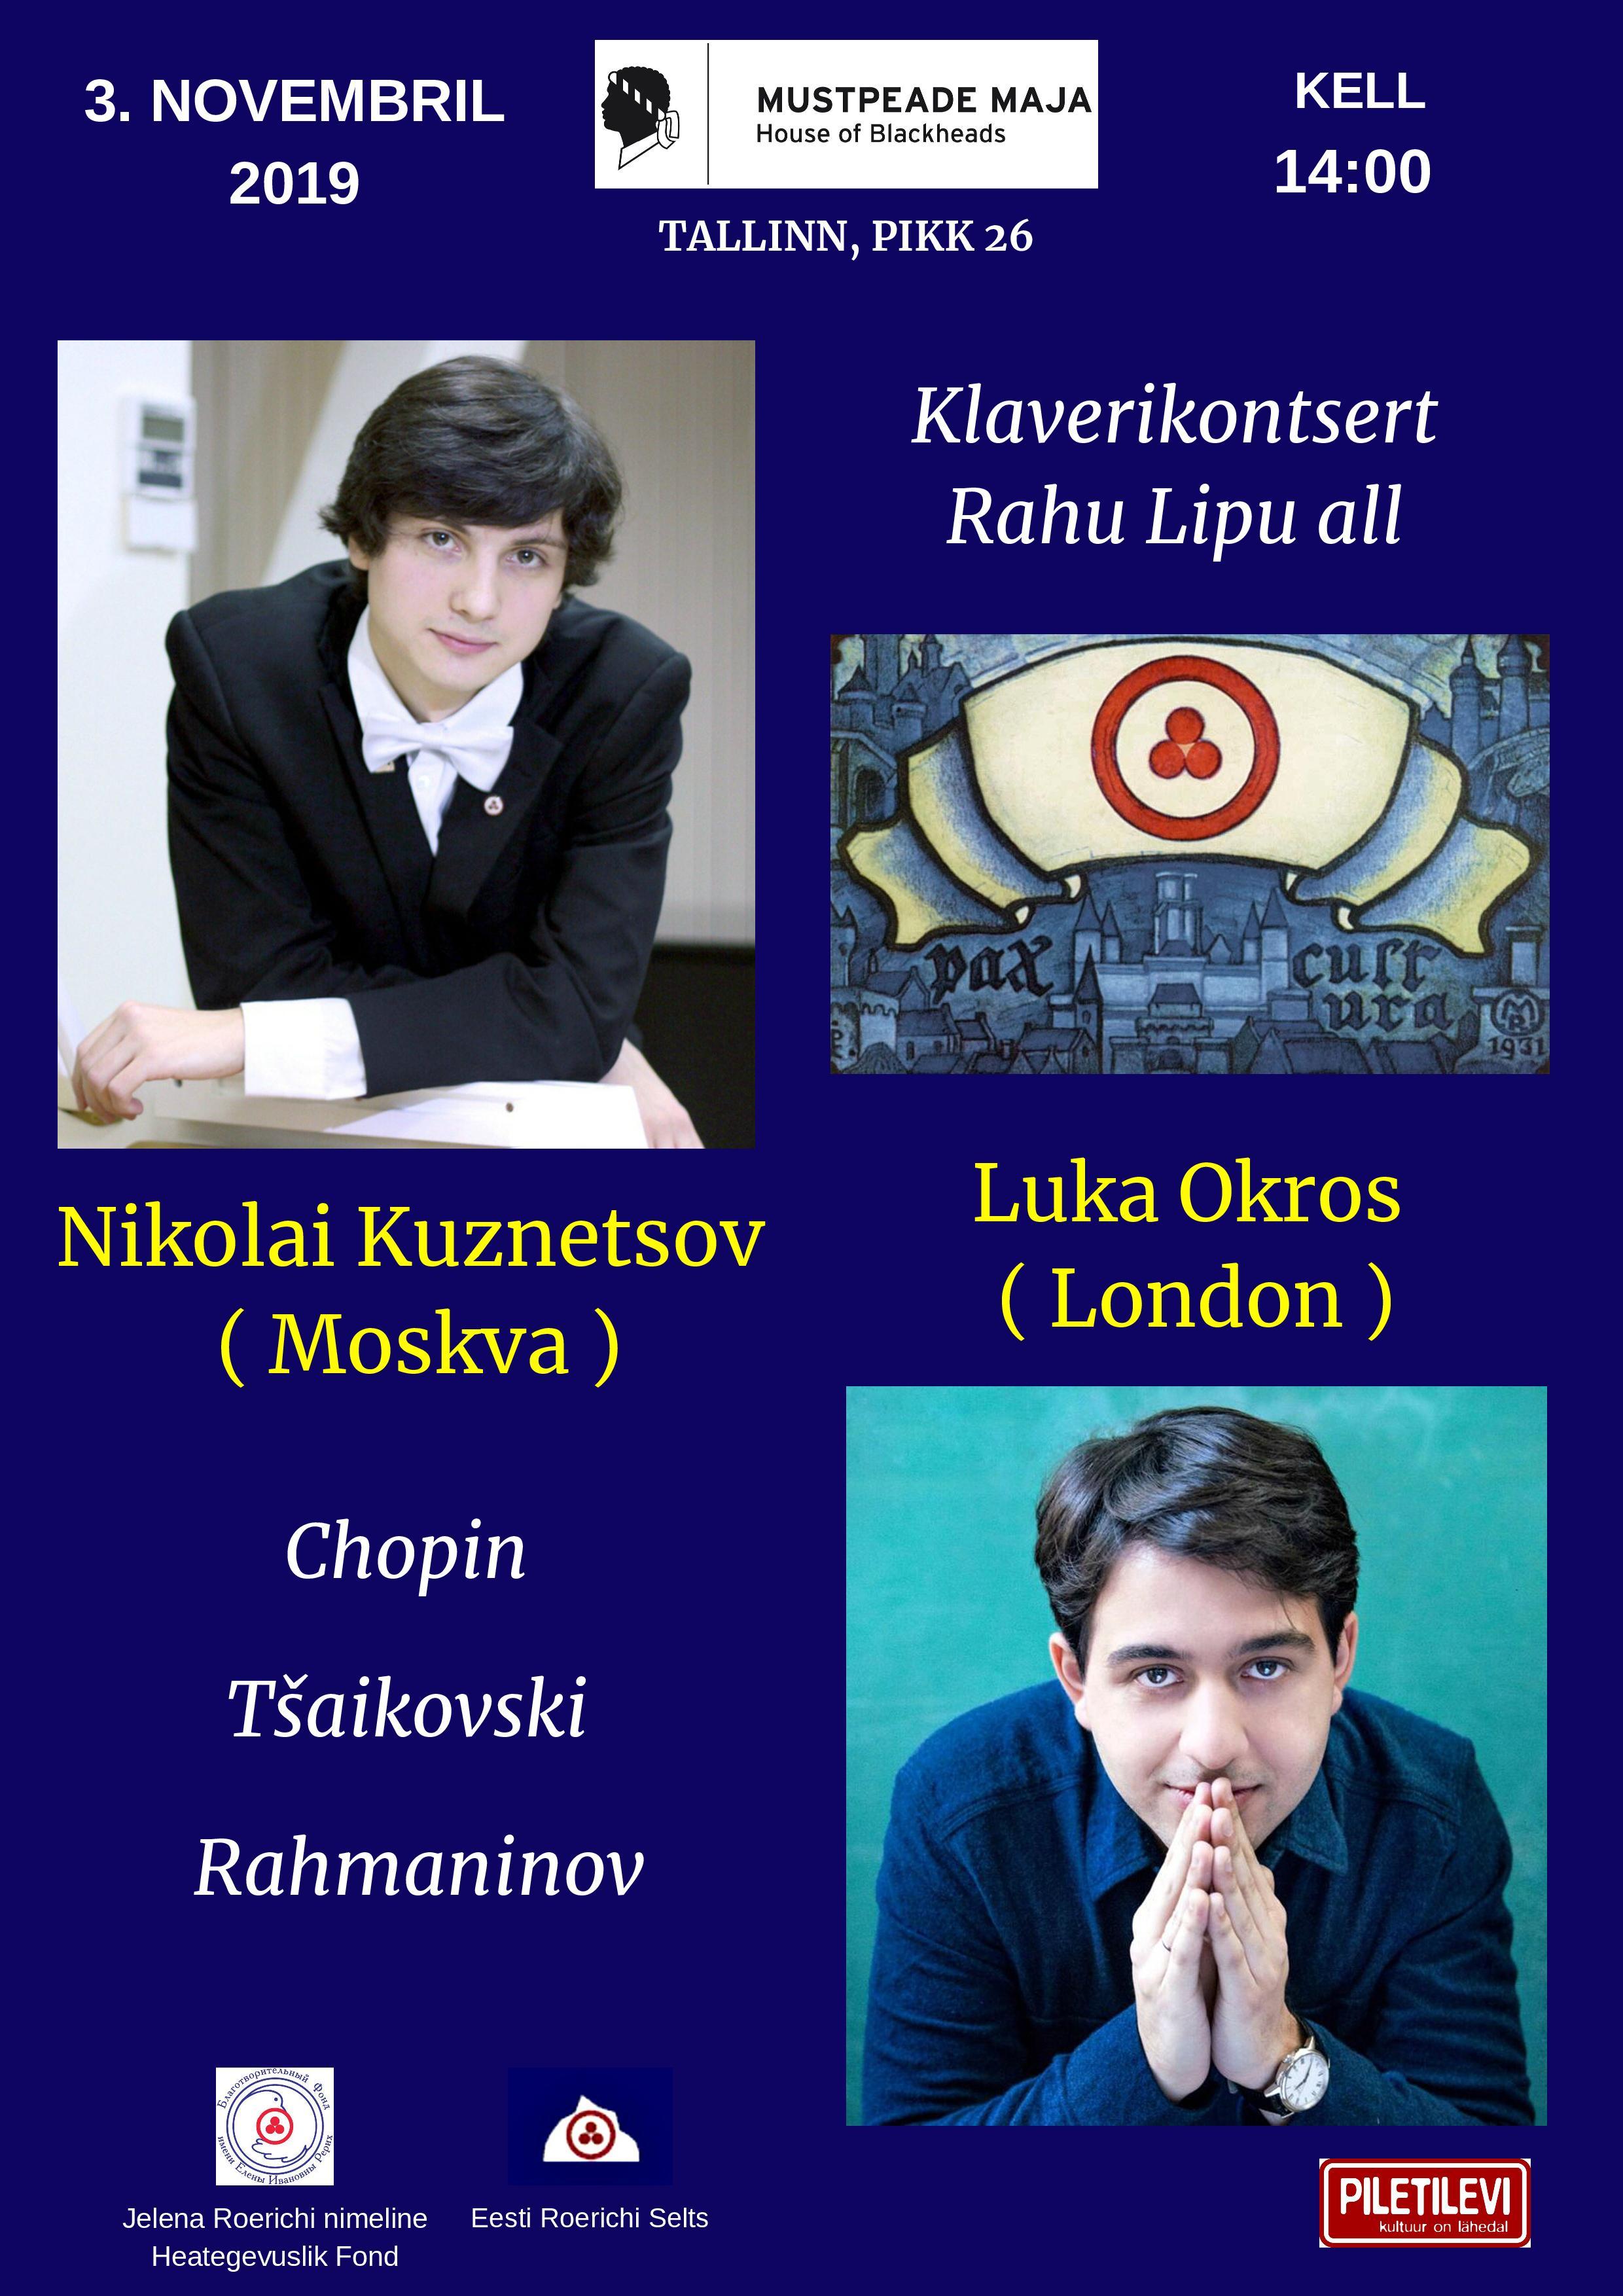 Klaverikontsert Rahu Lipu all. Luka Okros (London) ja Nikolai Kuznetsov (Moskva)